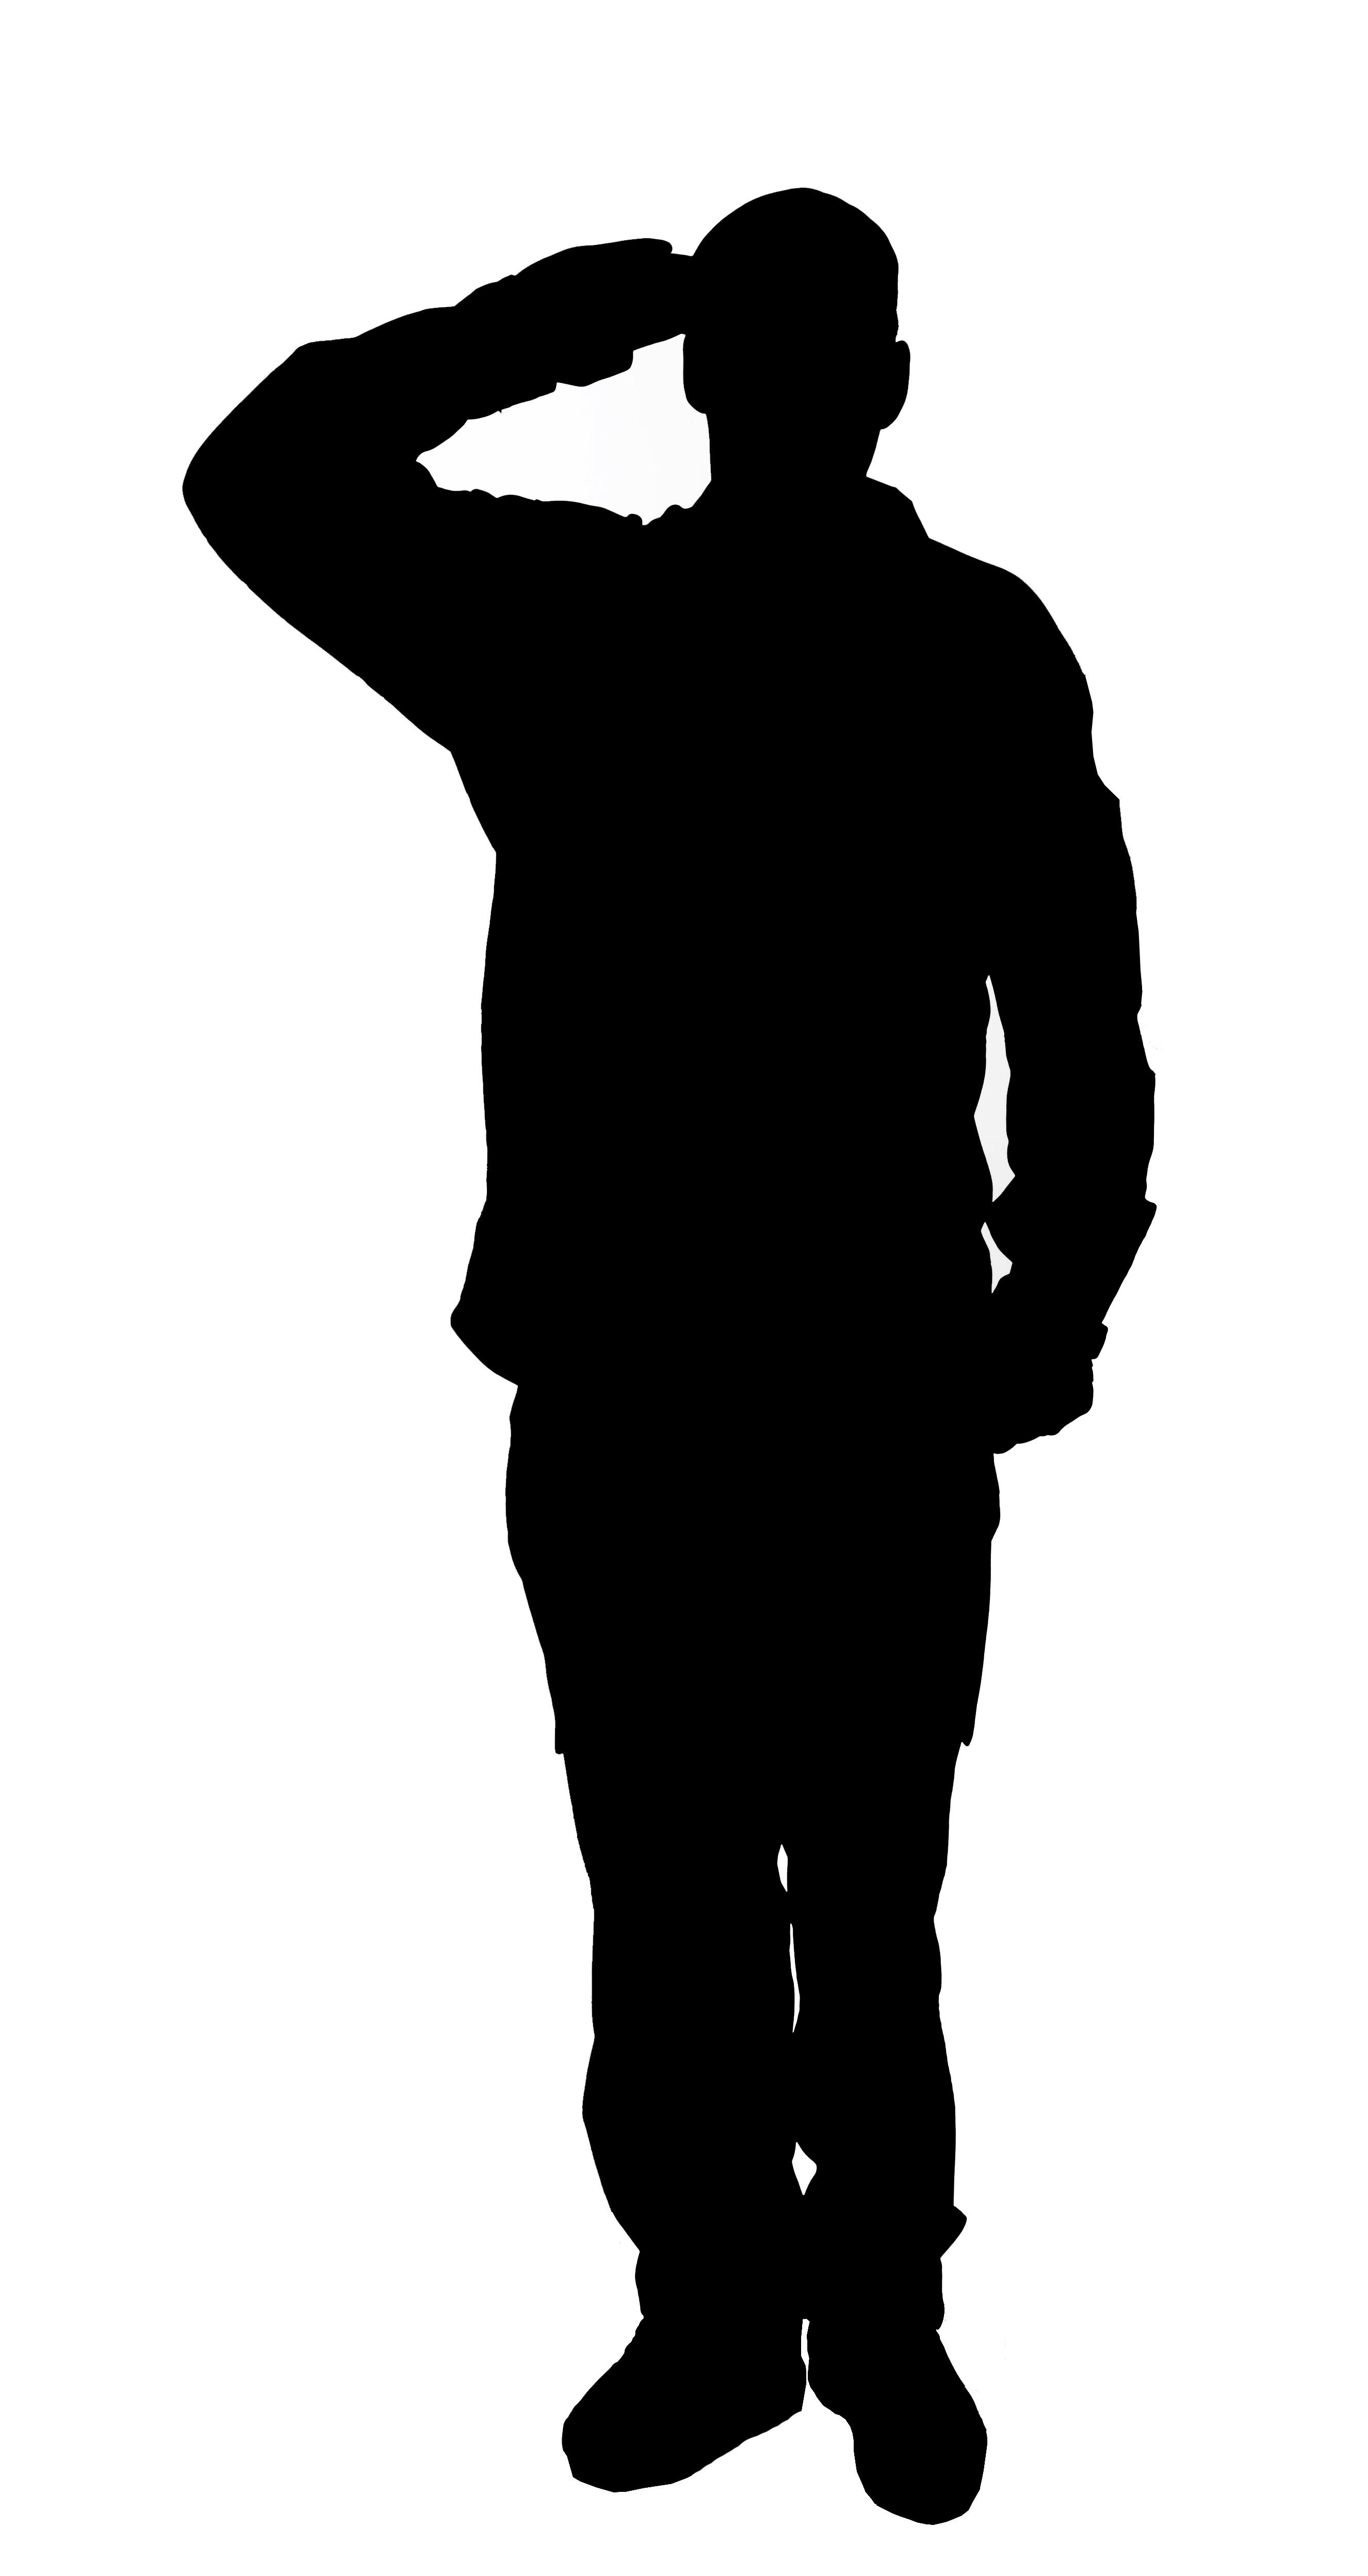 Veteran silhouette clipart